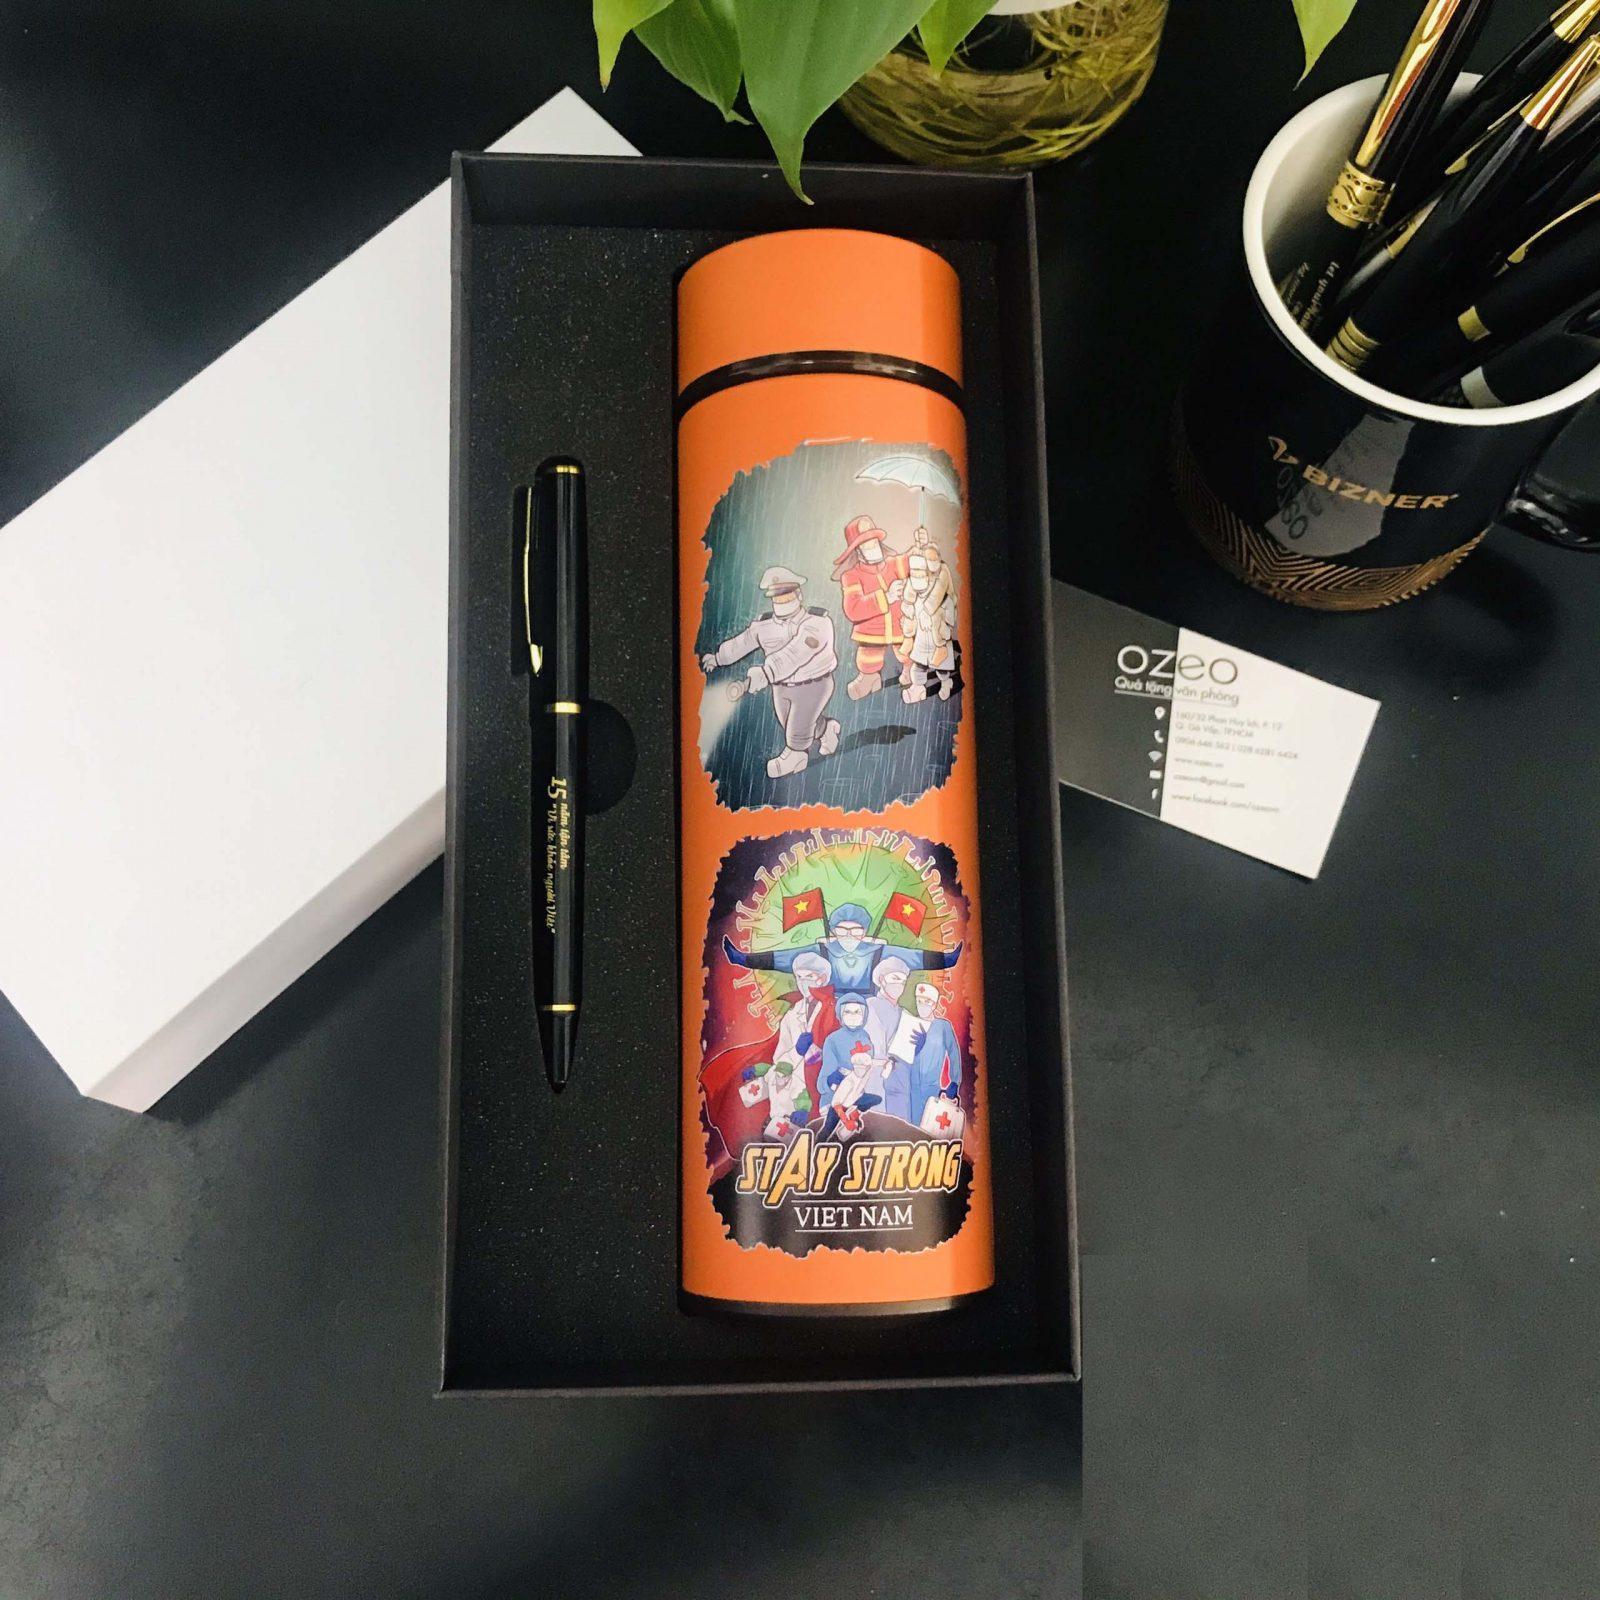 Tham khảo thêm một số hình ảnh của Bộ quà tặng Giftset bình giữ nhiệt inox và bút kim loại: